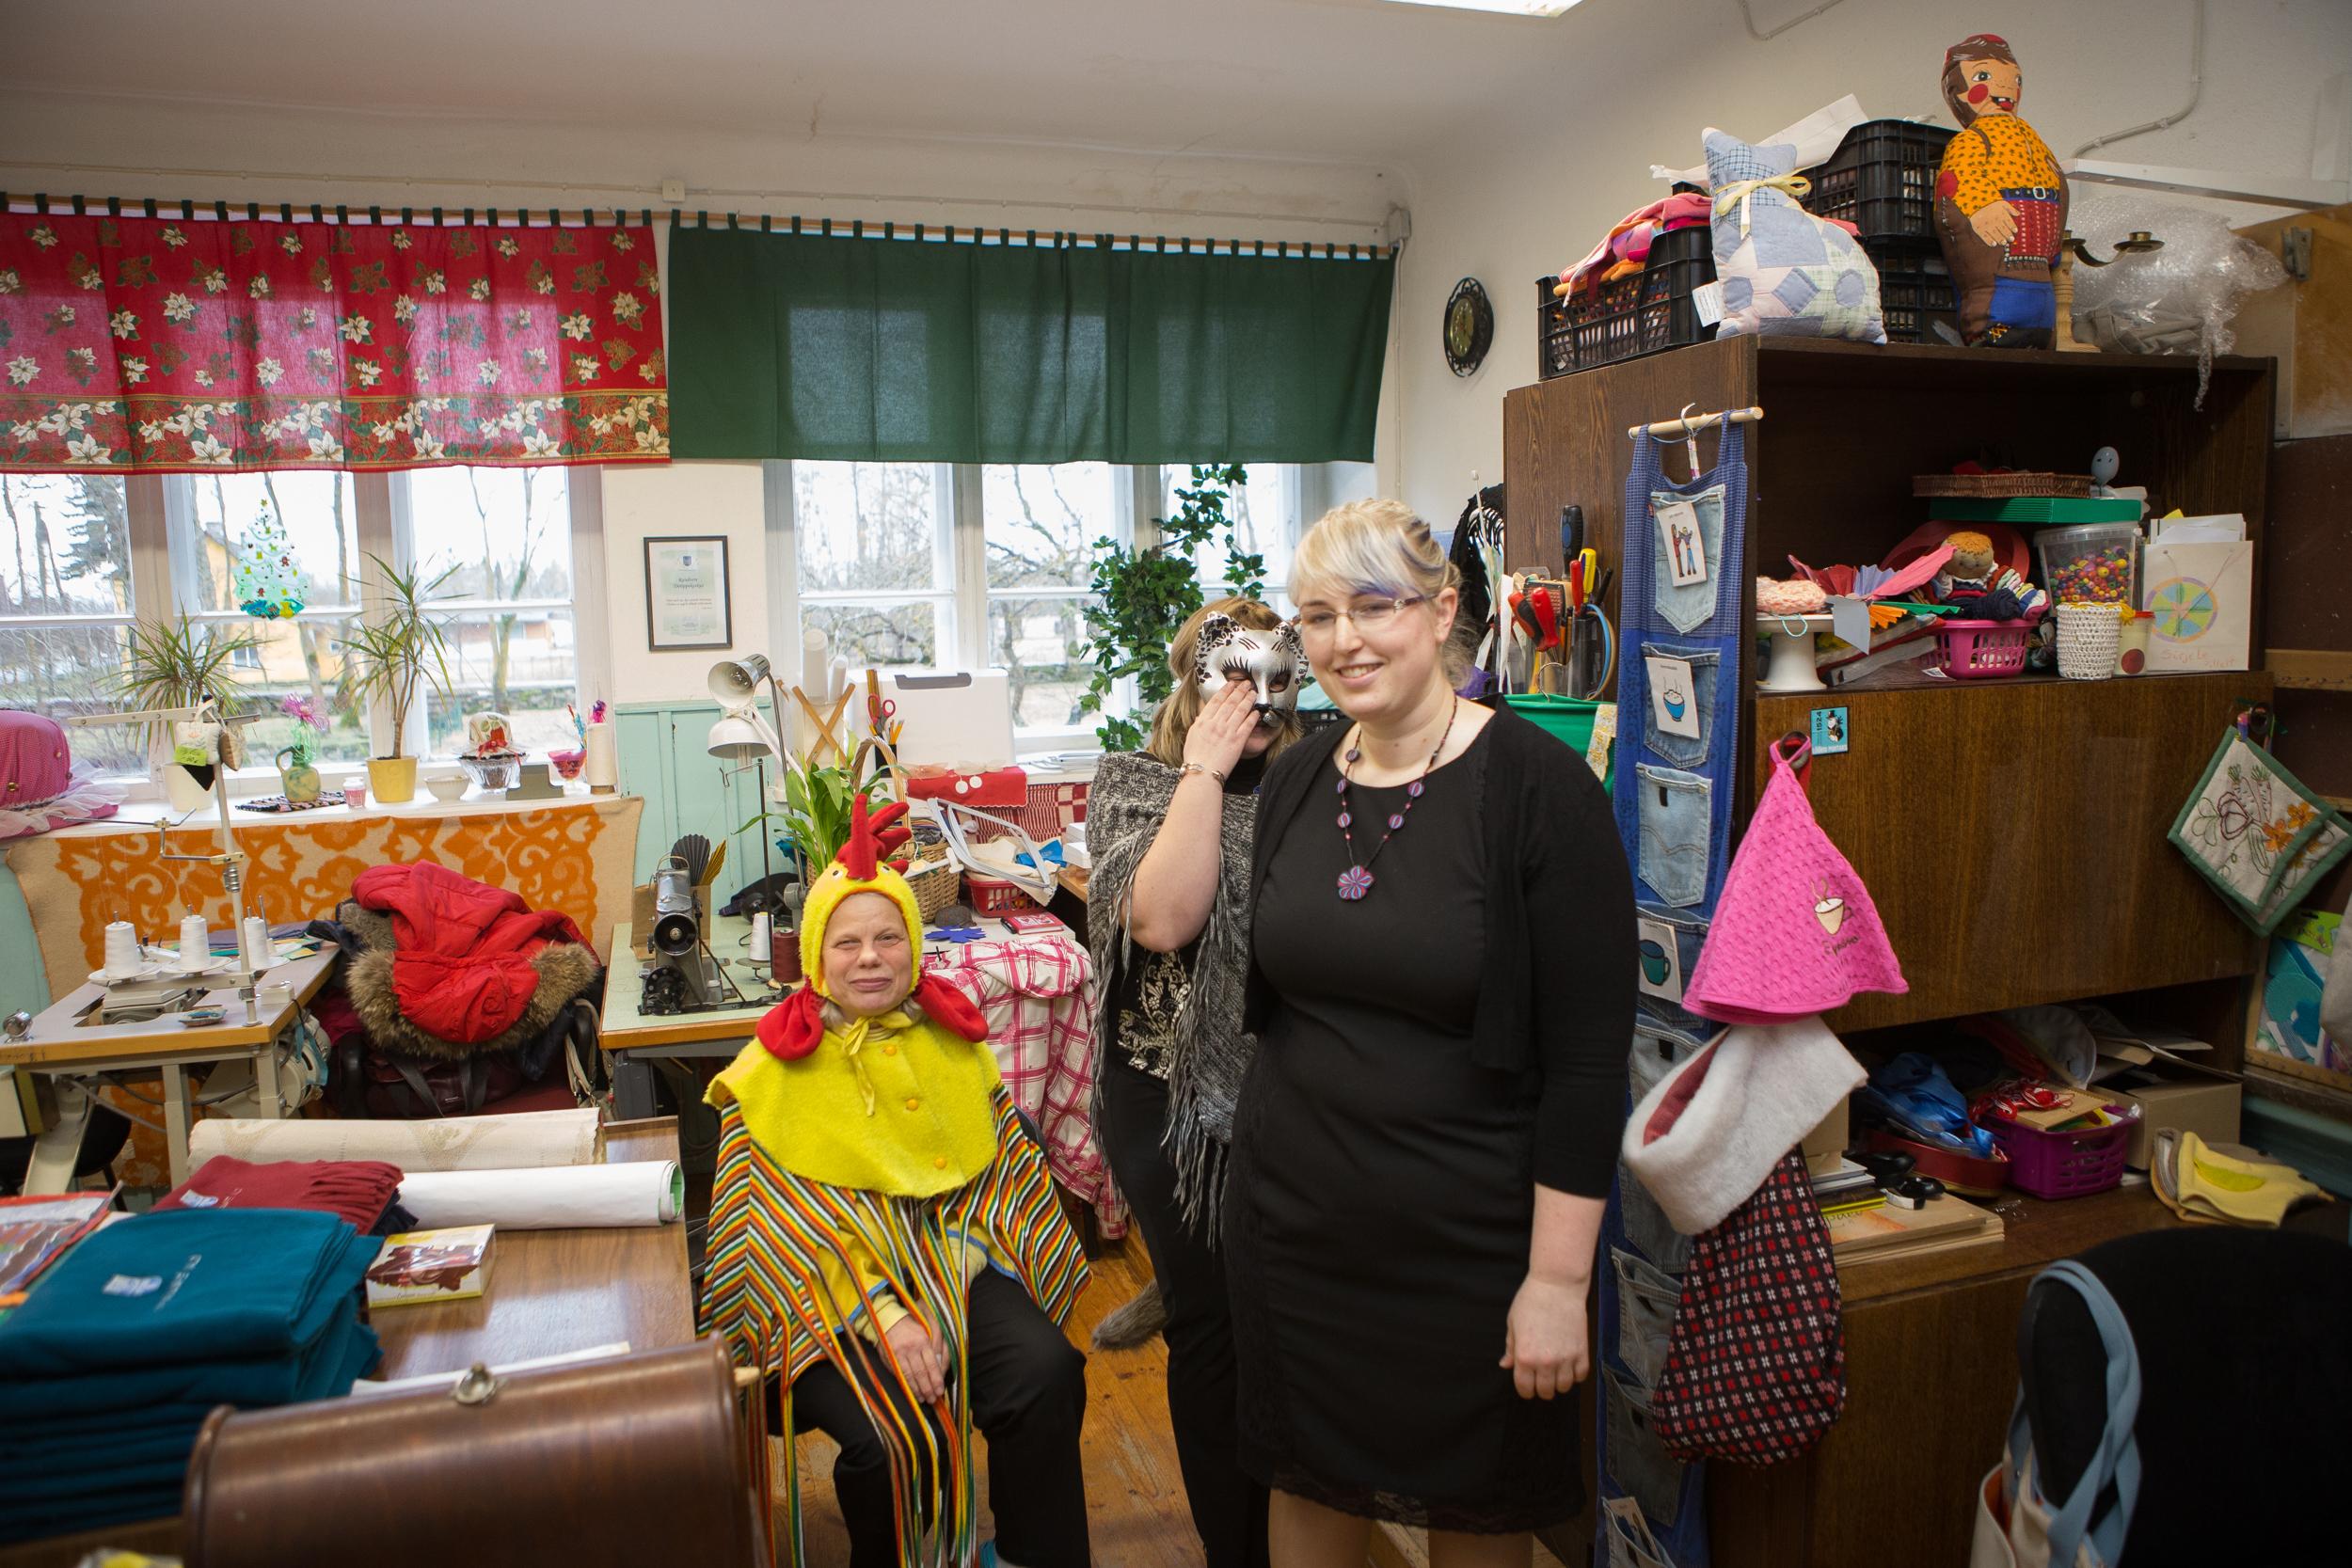 MTÜ Randvere Tööõppekeskus juhatuse liige Marina Skljarenko kinnitab, et keskuse plaanid Pähkla endise hooldekodu hoonega ei puuduta vange ega asotsiaale, vaid vaimupuudega inimeste kogukonnas elamise teenust. Õppekeskuse plaanid on teinud […]